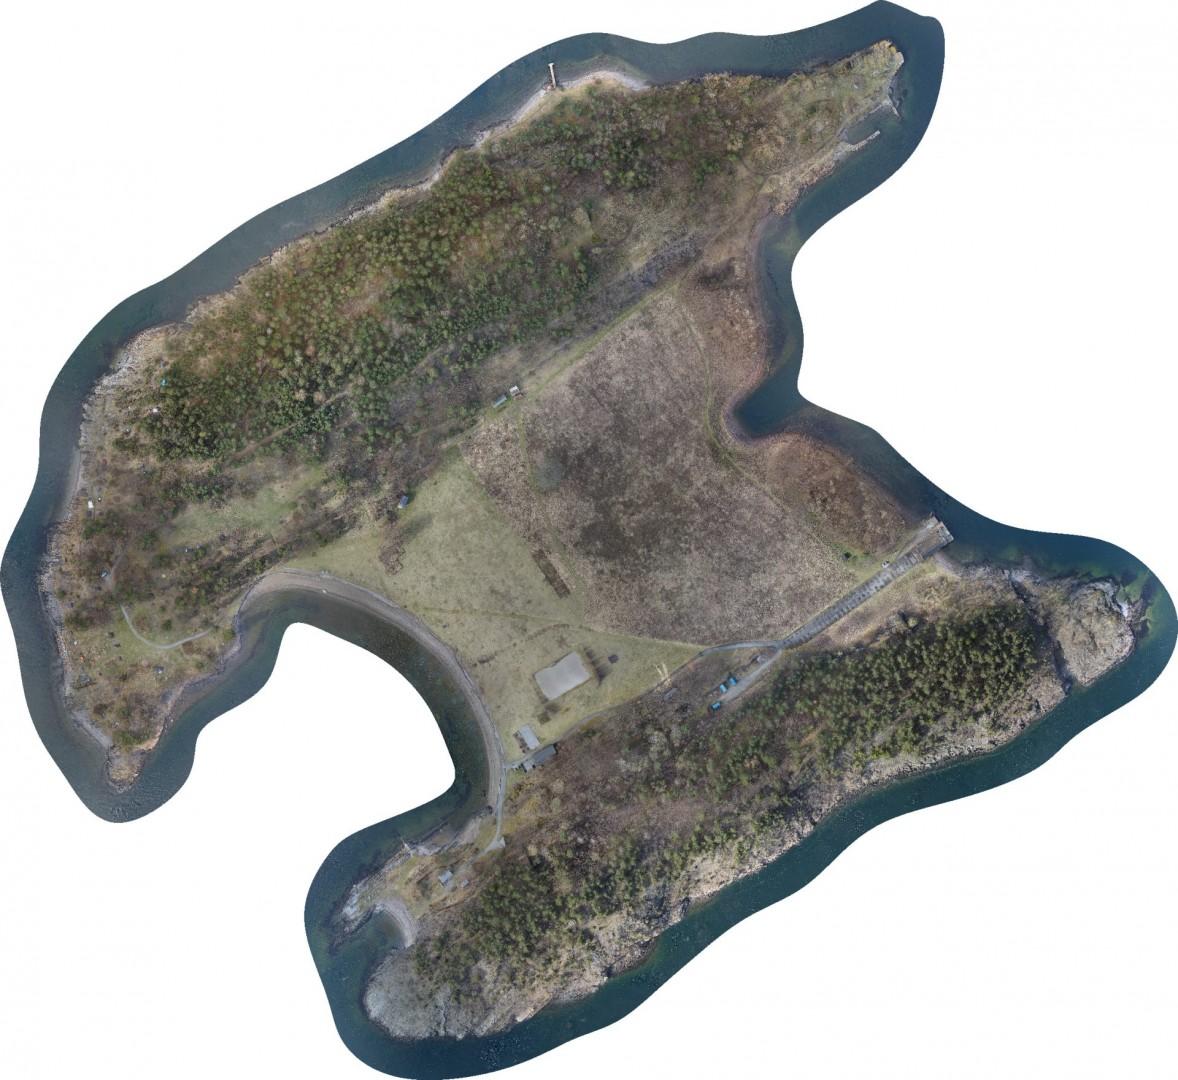 langøyene project terrain model from drone